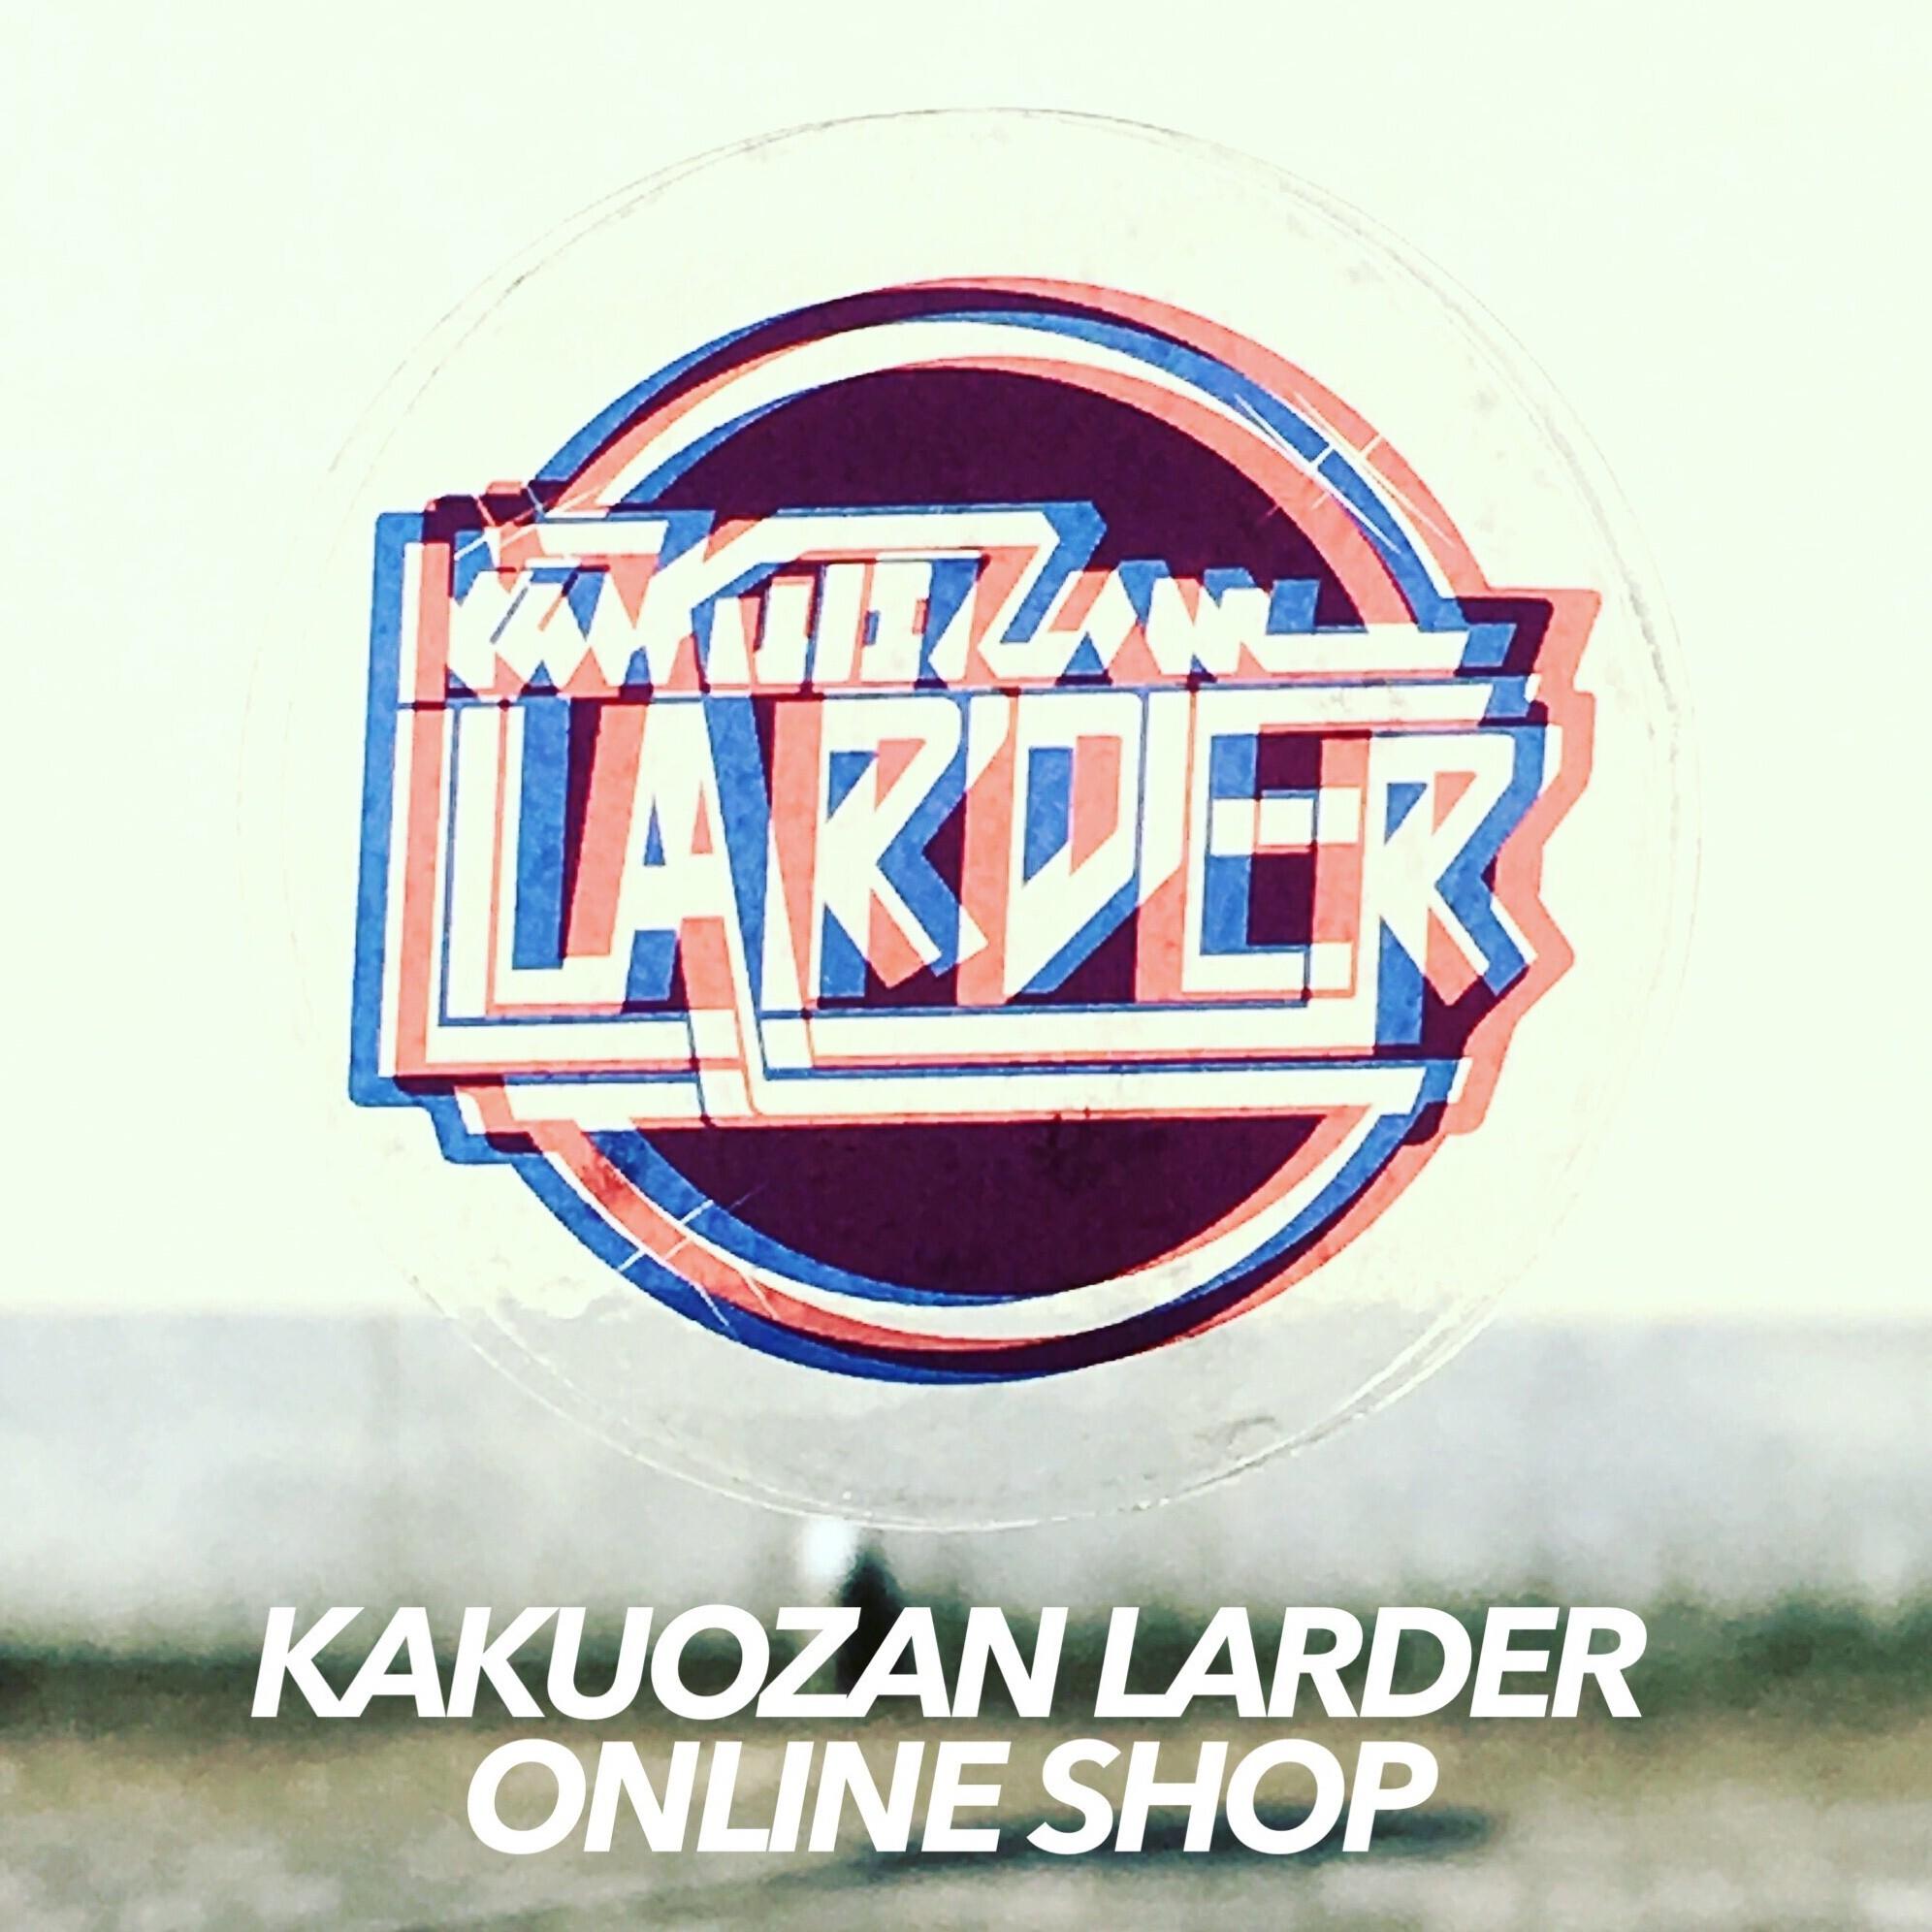 KAKUOZAN LARDER ONLINE SHOP